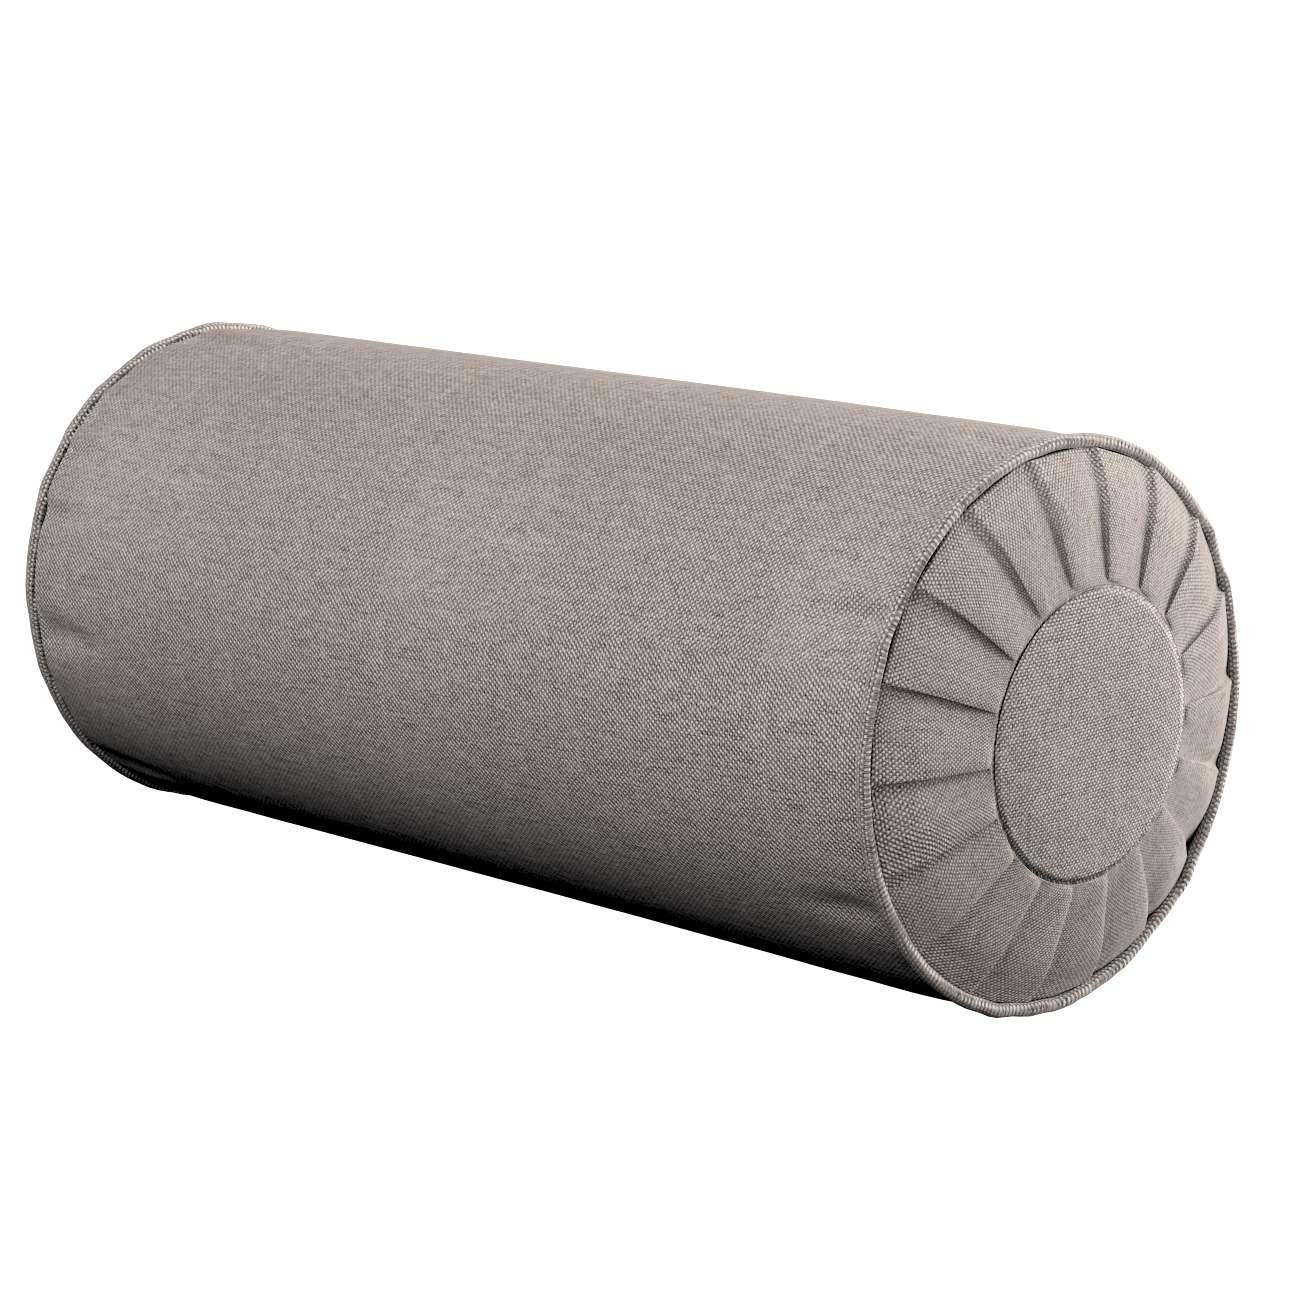 Nakkepute med folder fra kolleksjonen Etna - Ikke for gardiner, Stoffets bredde: 705-09